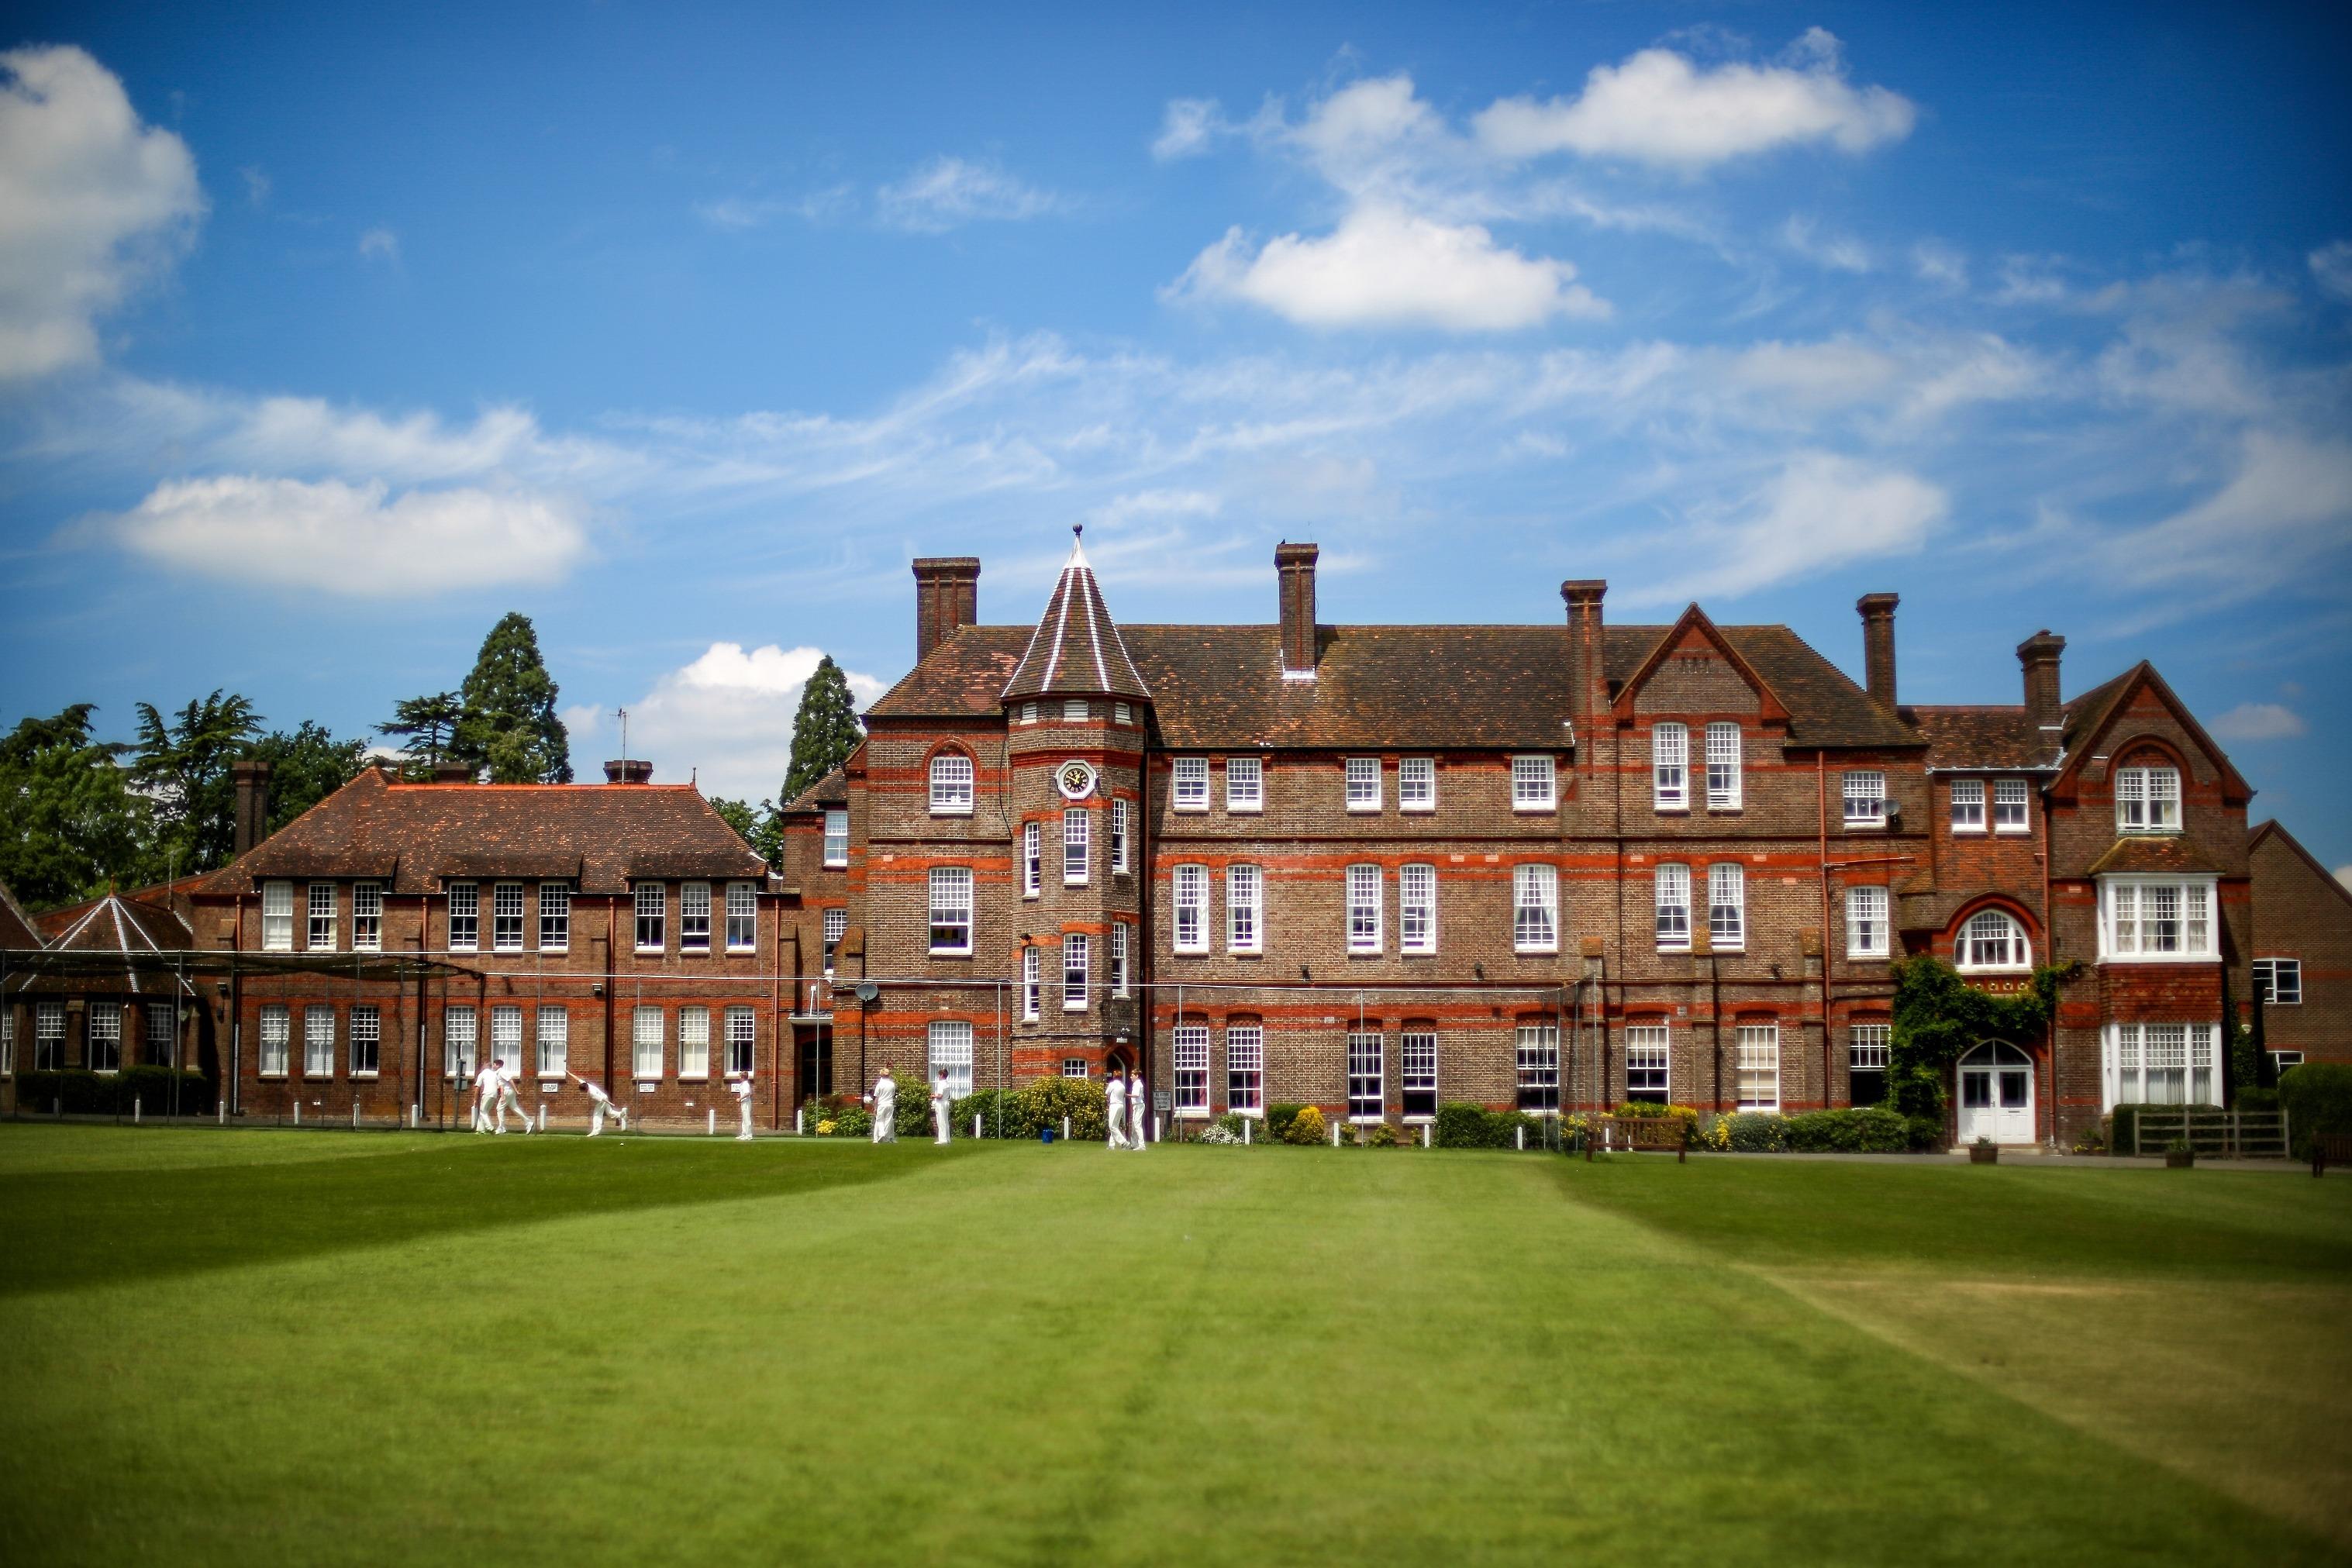 Boarding School for Boys - Lockers Park School